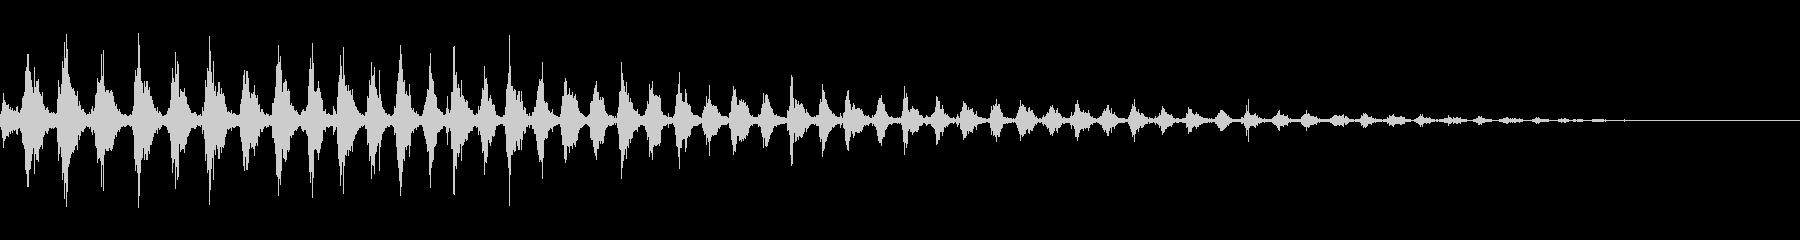 虫が飛び立つ音 竹とんぼ プロペラ飛行の未再生の波形